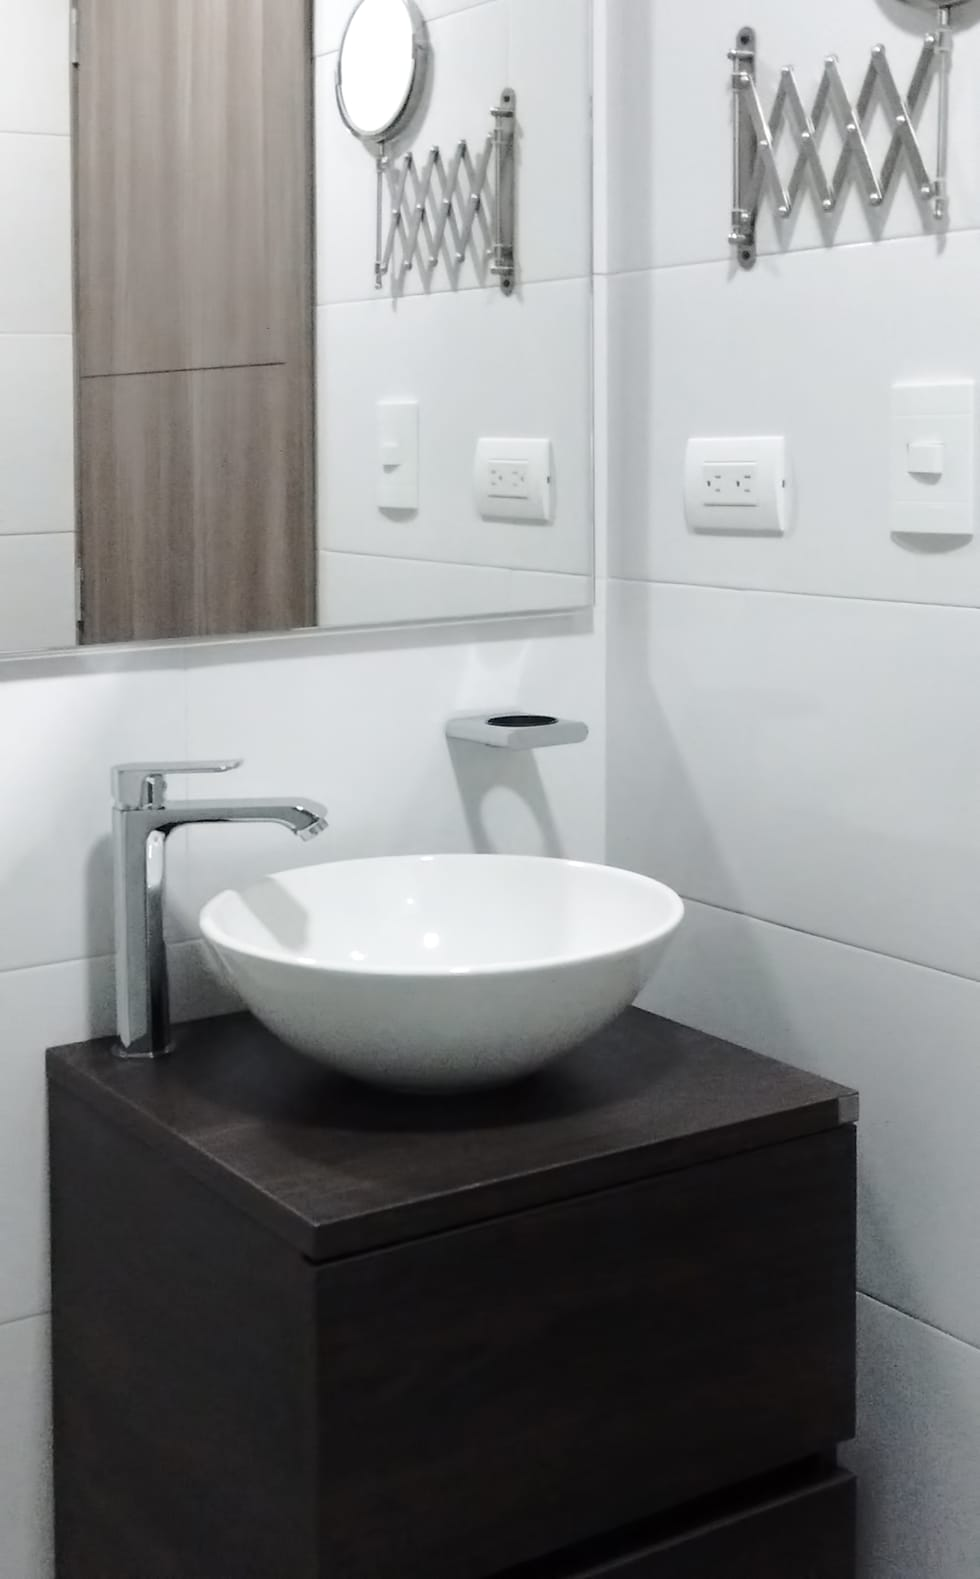 Baño principal: Baños de estilo moderno por Remodelar Proyectos Integrales